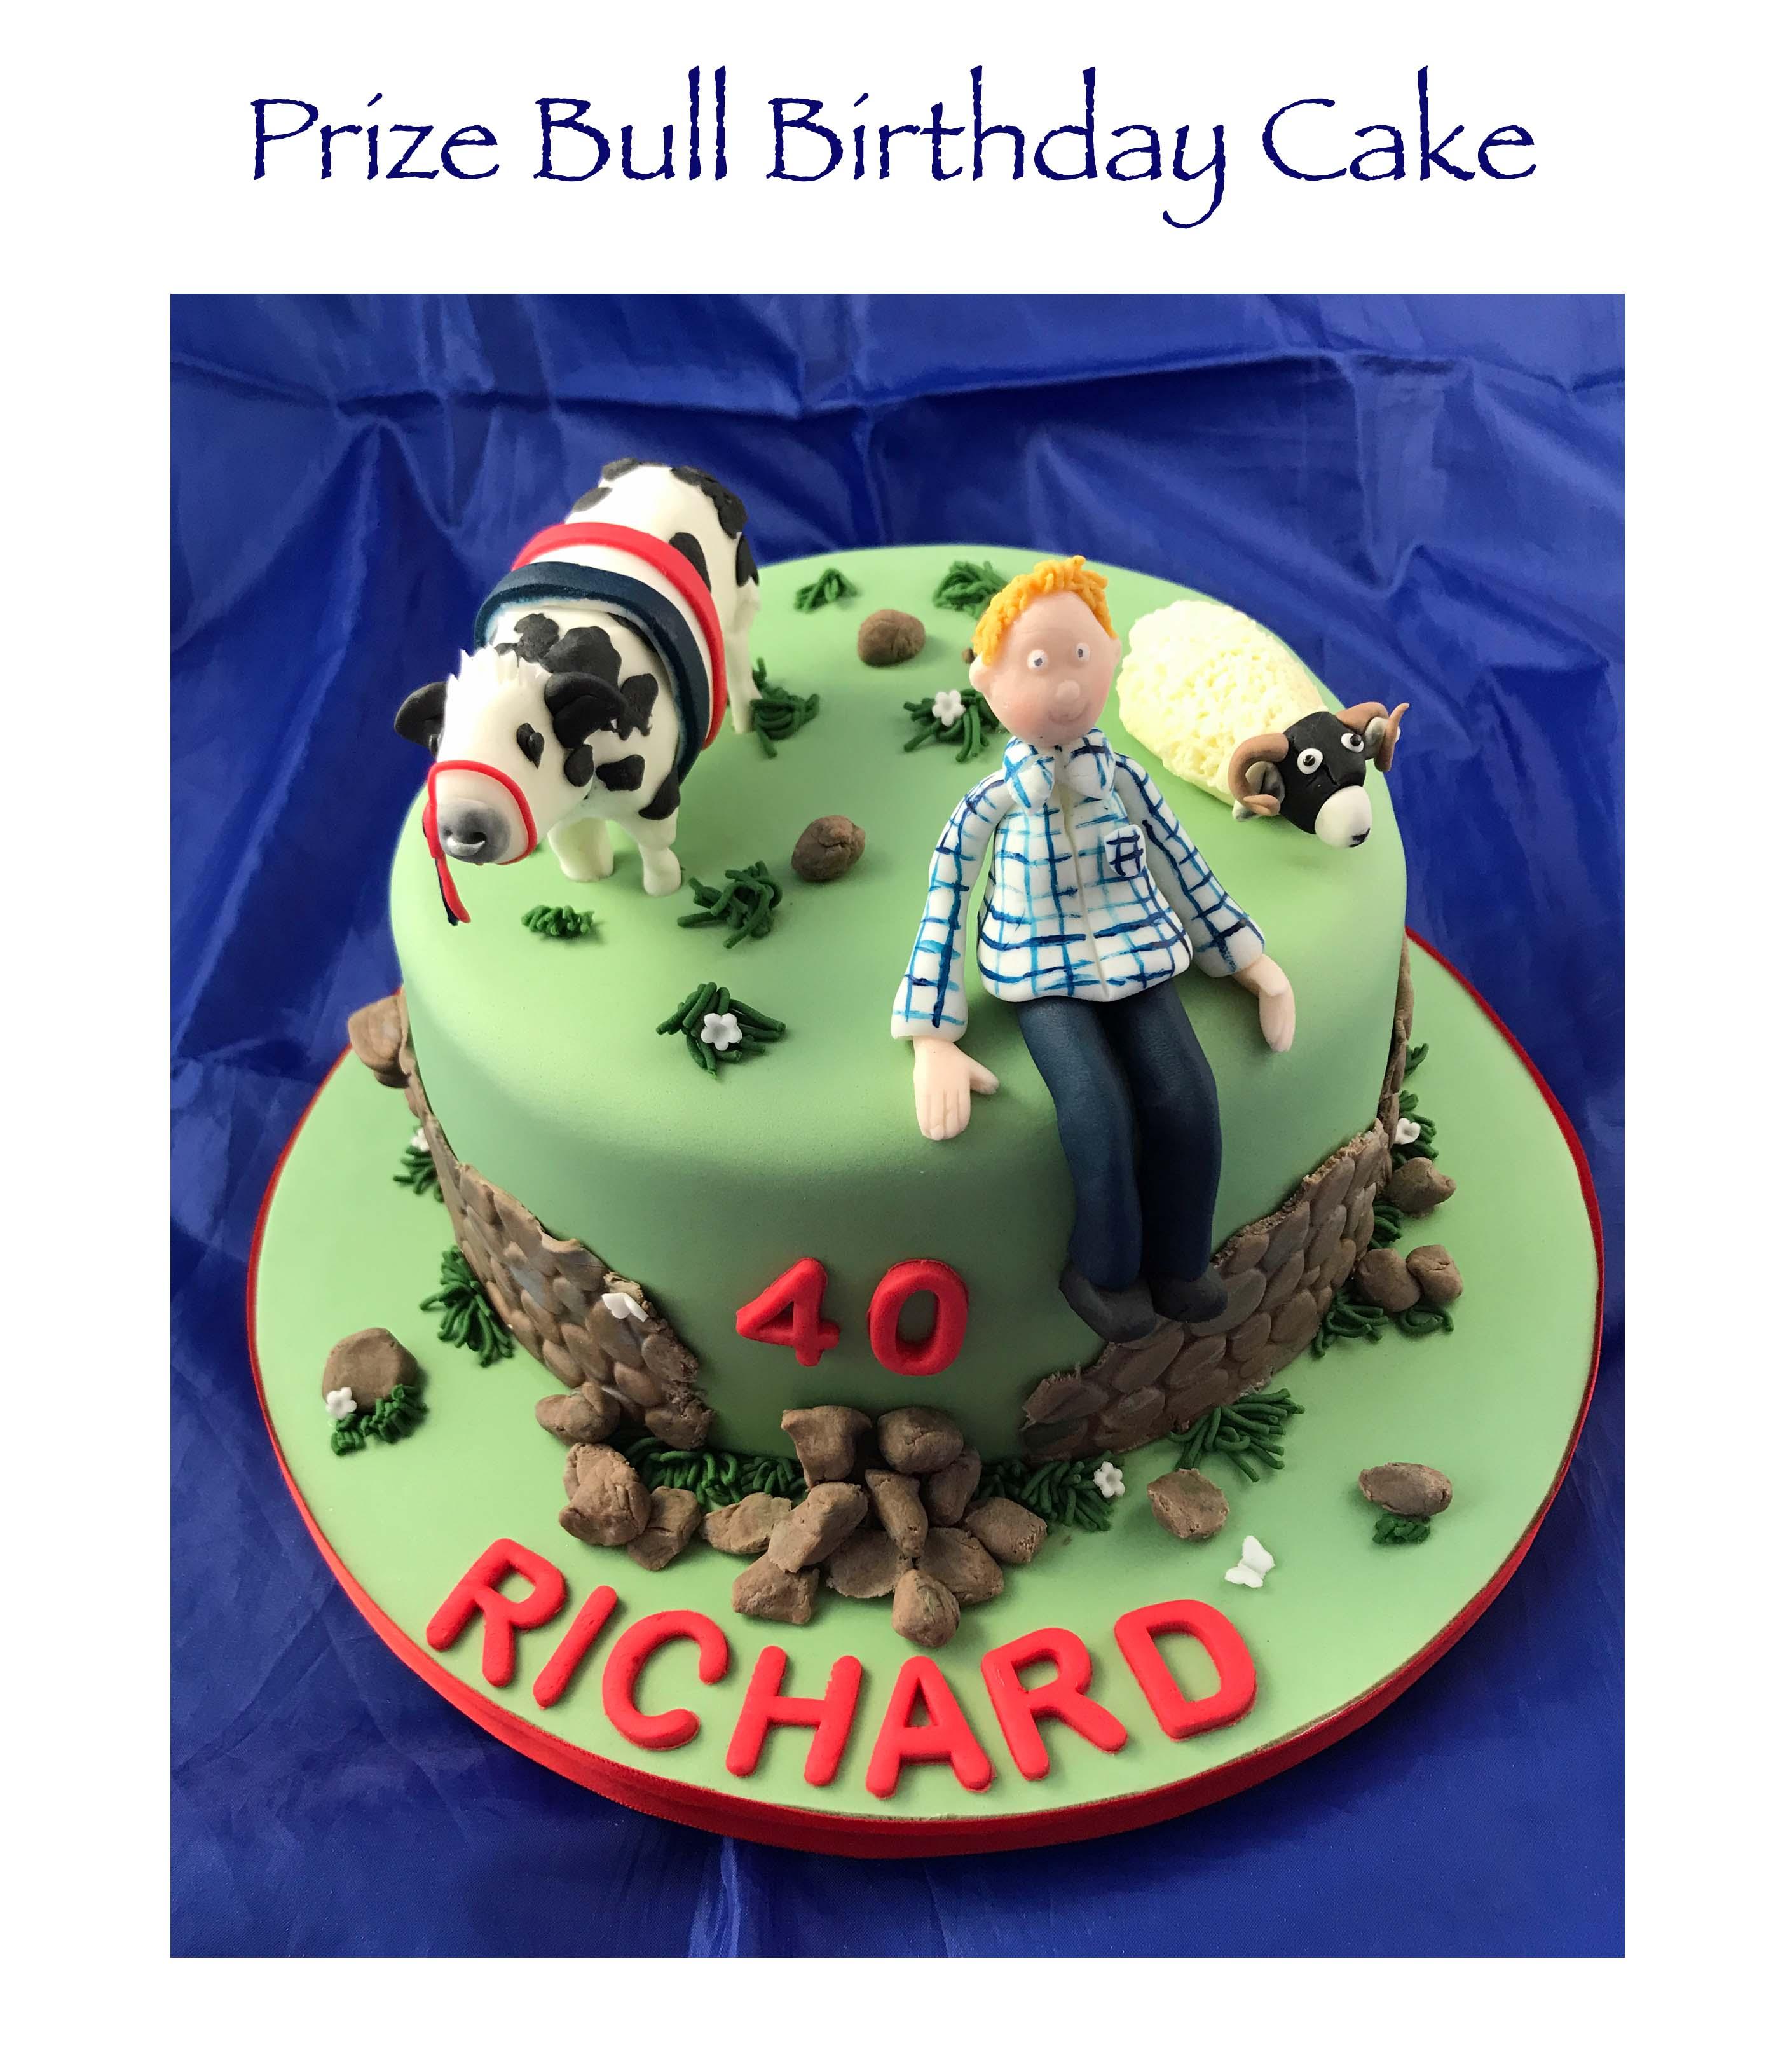 Prize Bull Birthday Cake